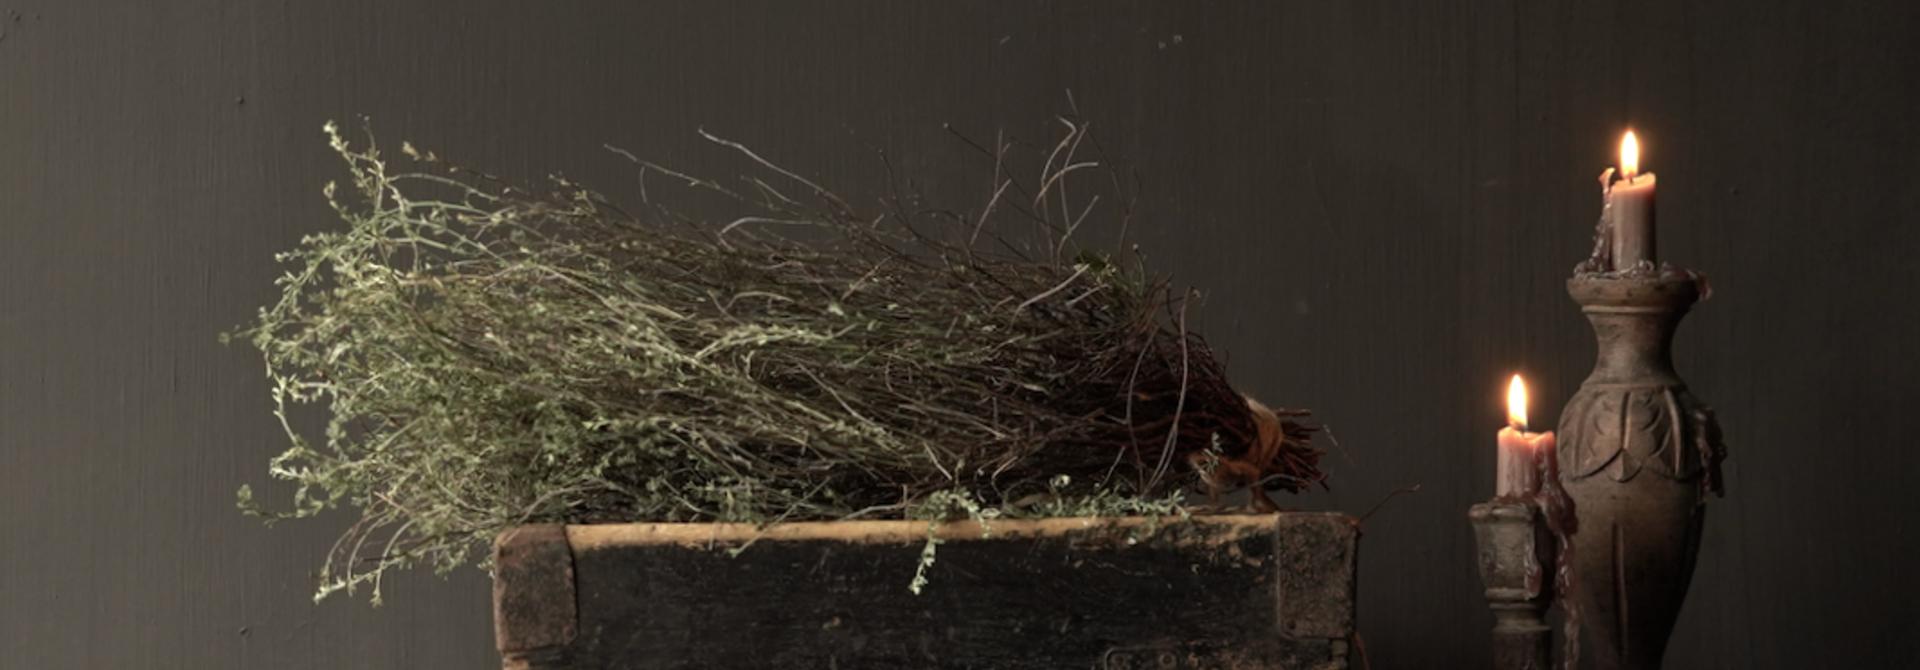 Oude houten zaai/Rijst bak